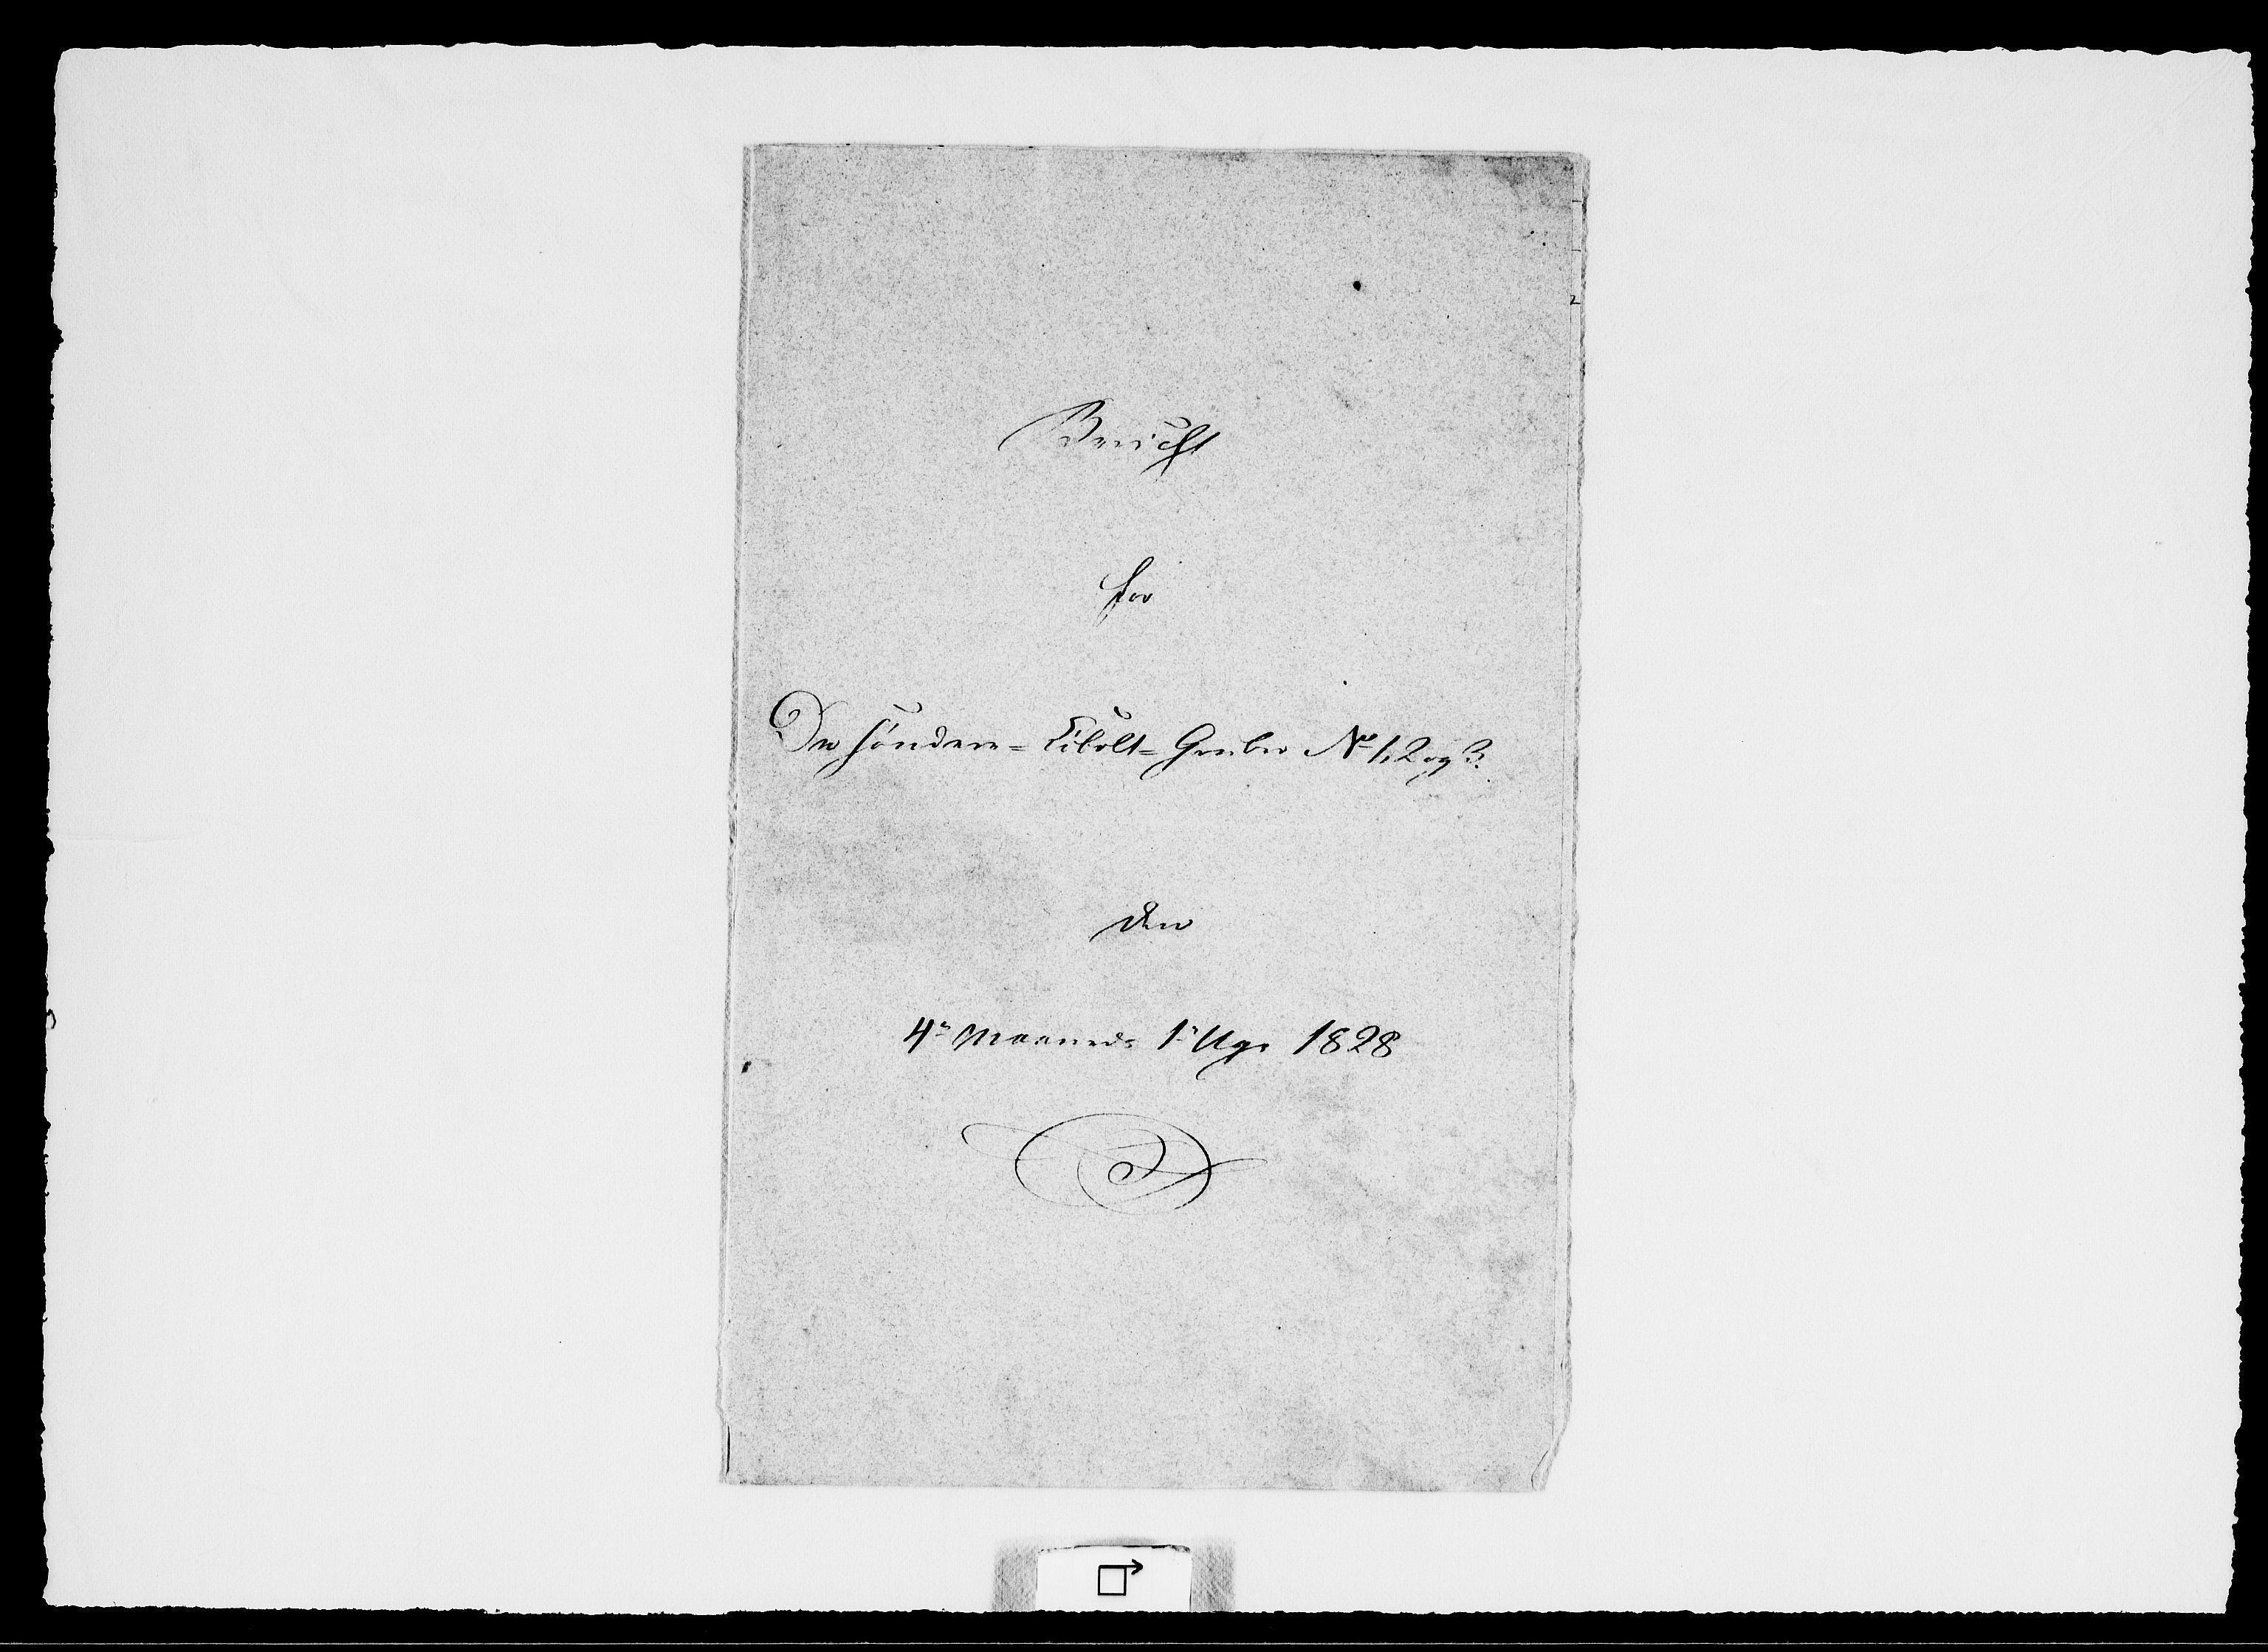 RA, Modums Blaafarveværk, G/Ge/L0330, 1828, s. 2